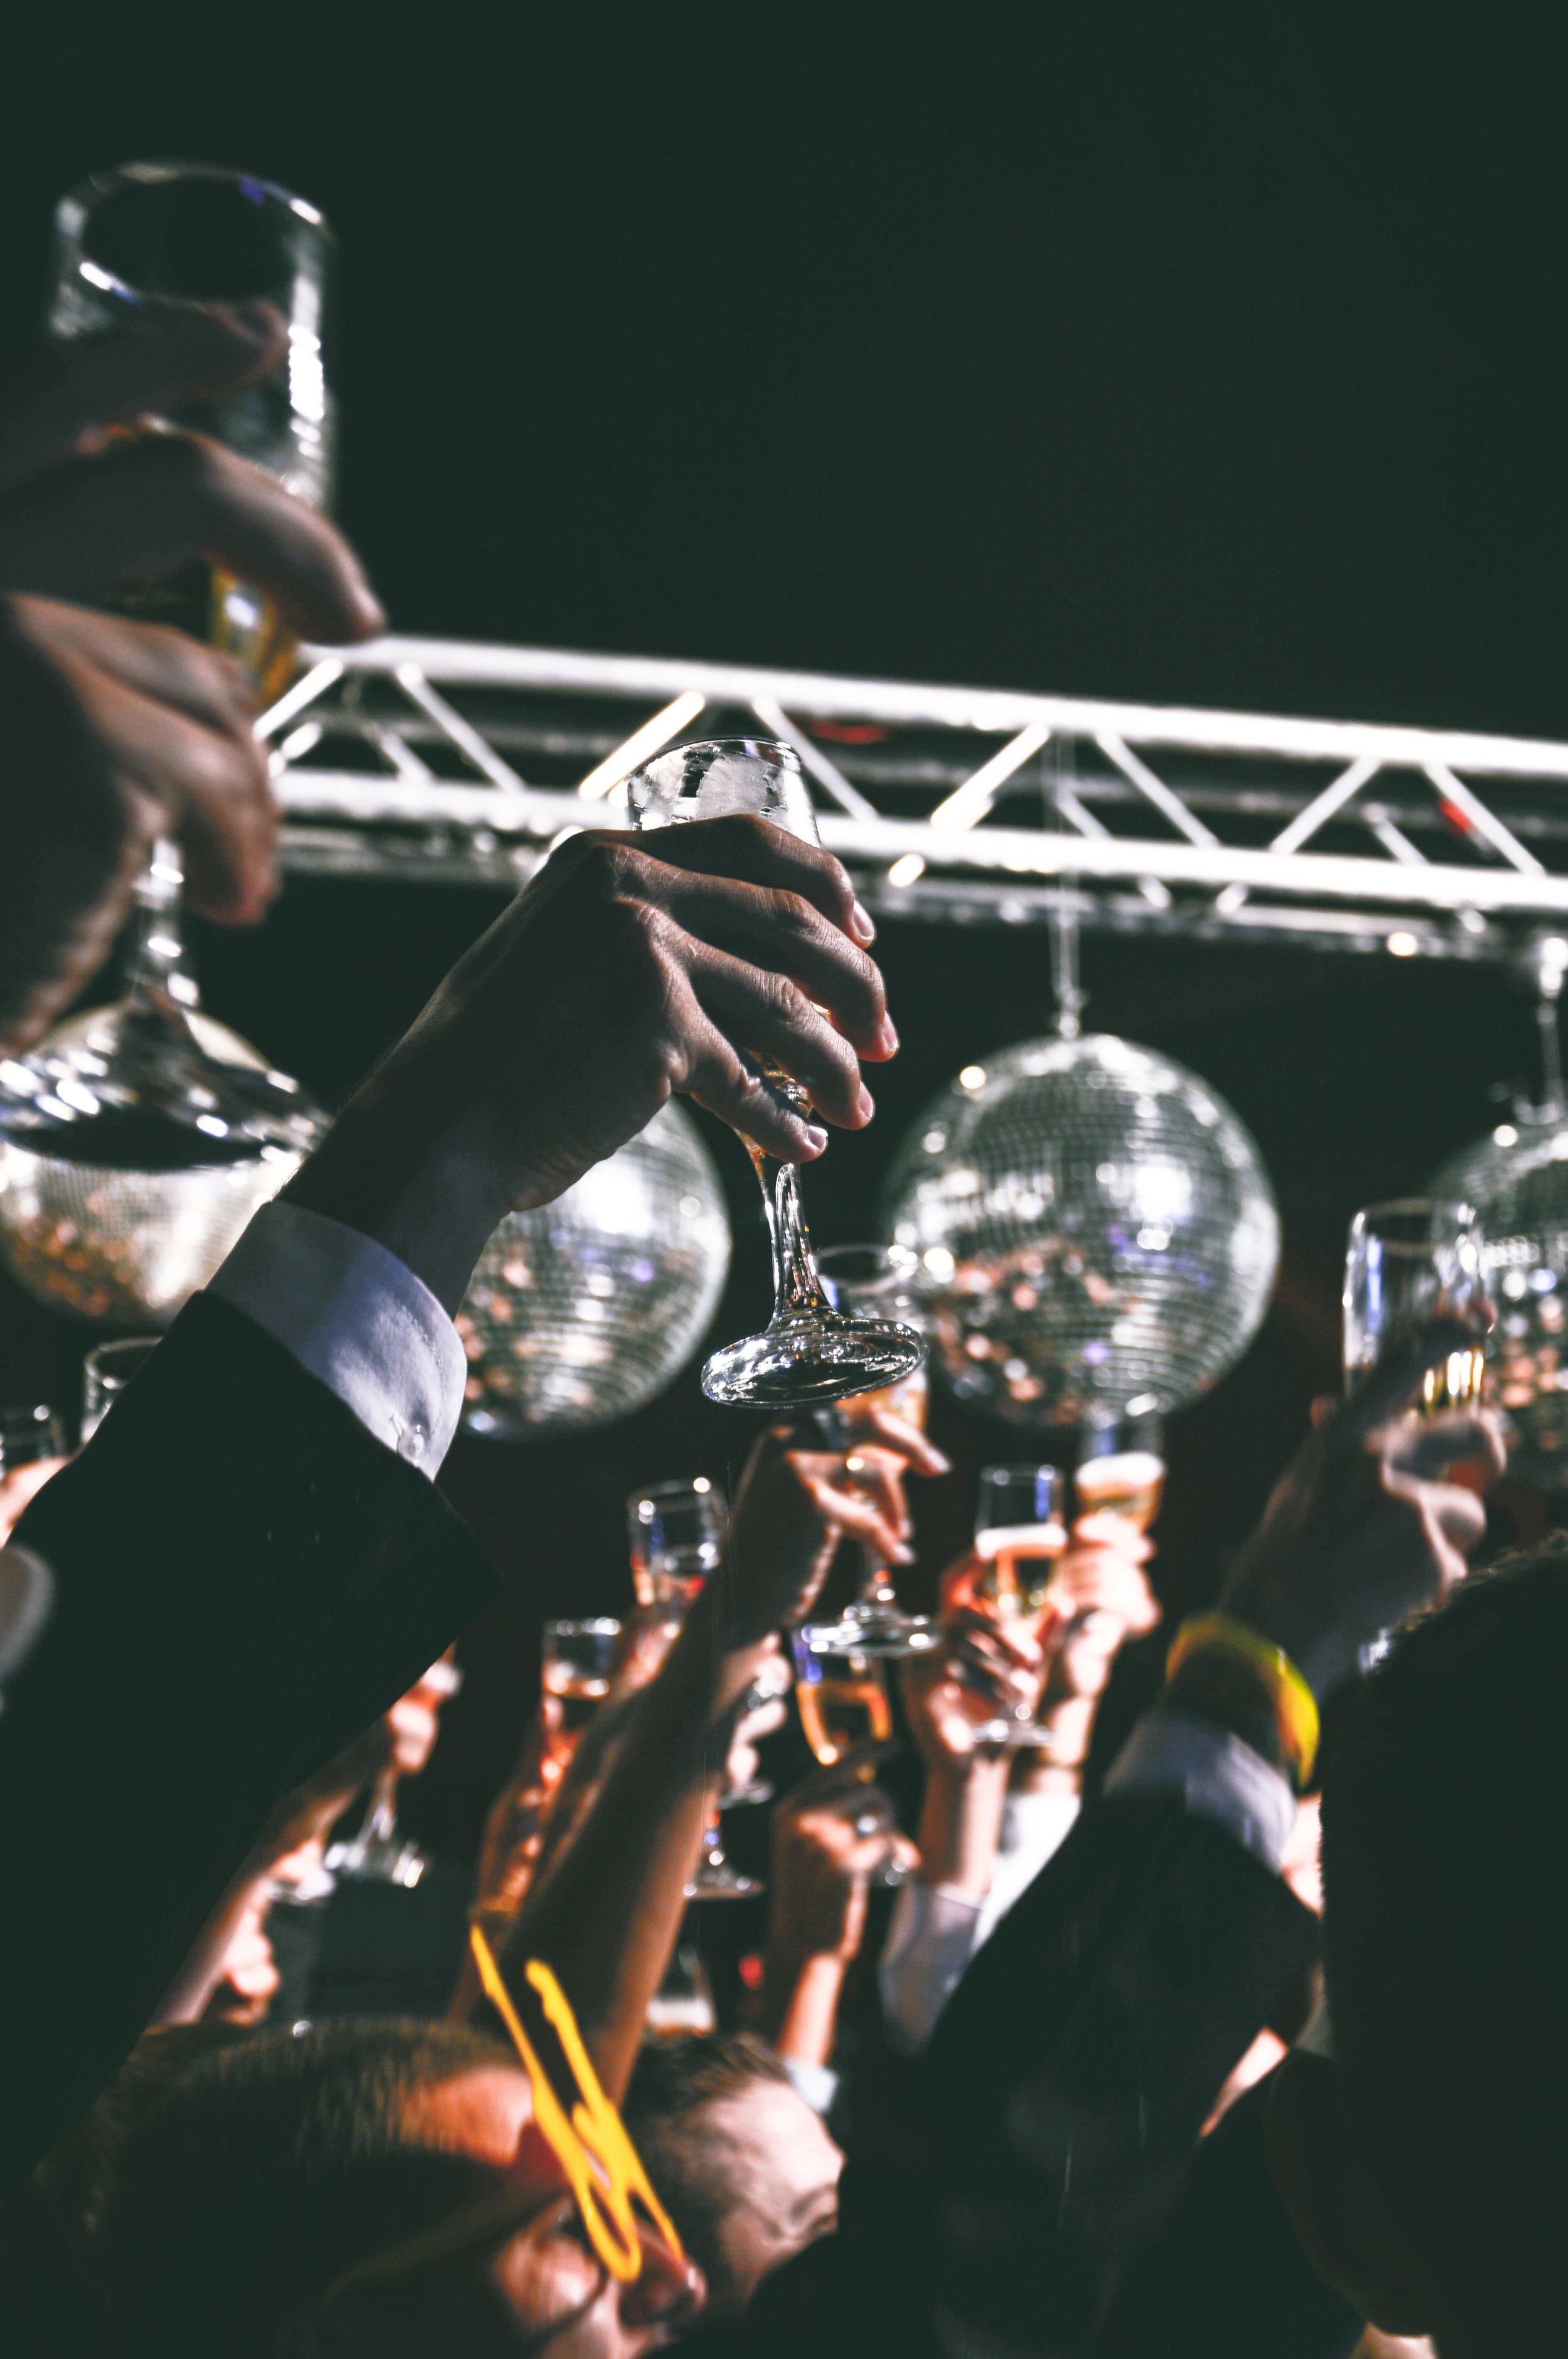 ball-cheers-crowd-59884.jpg